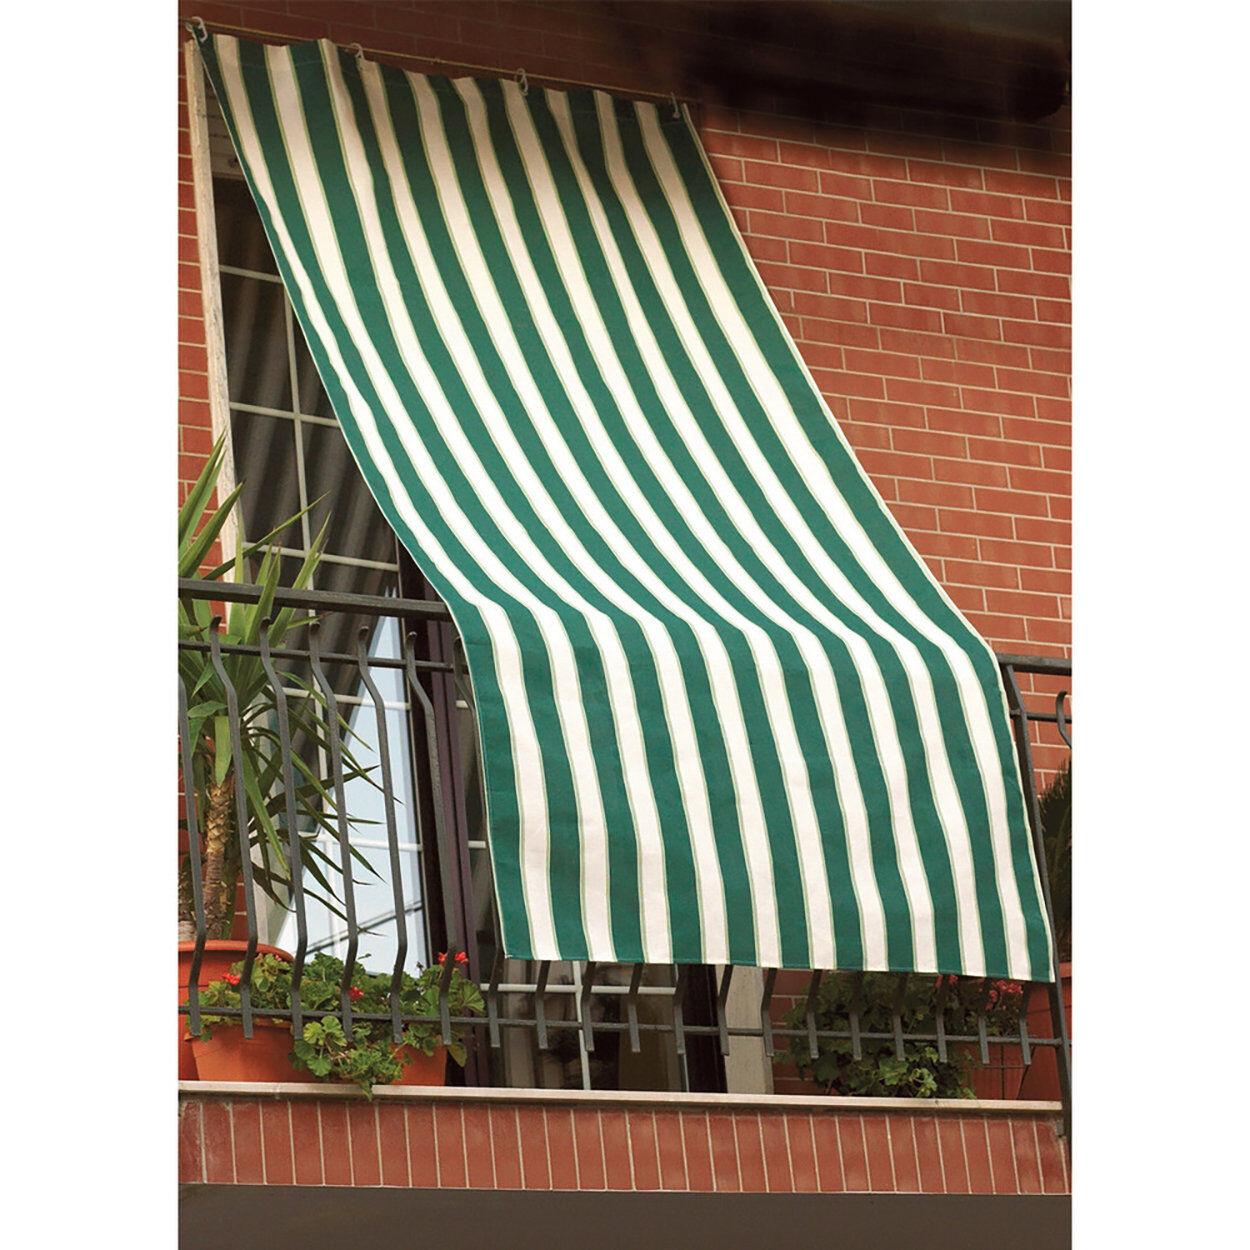 tavola estiva tenda sole idrorepel.150x300 righe verde/bianco